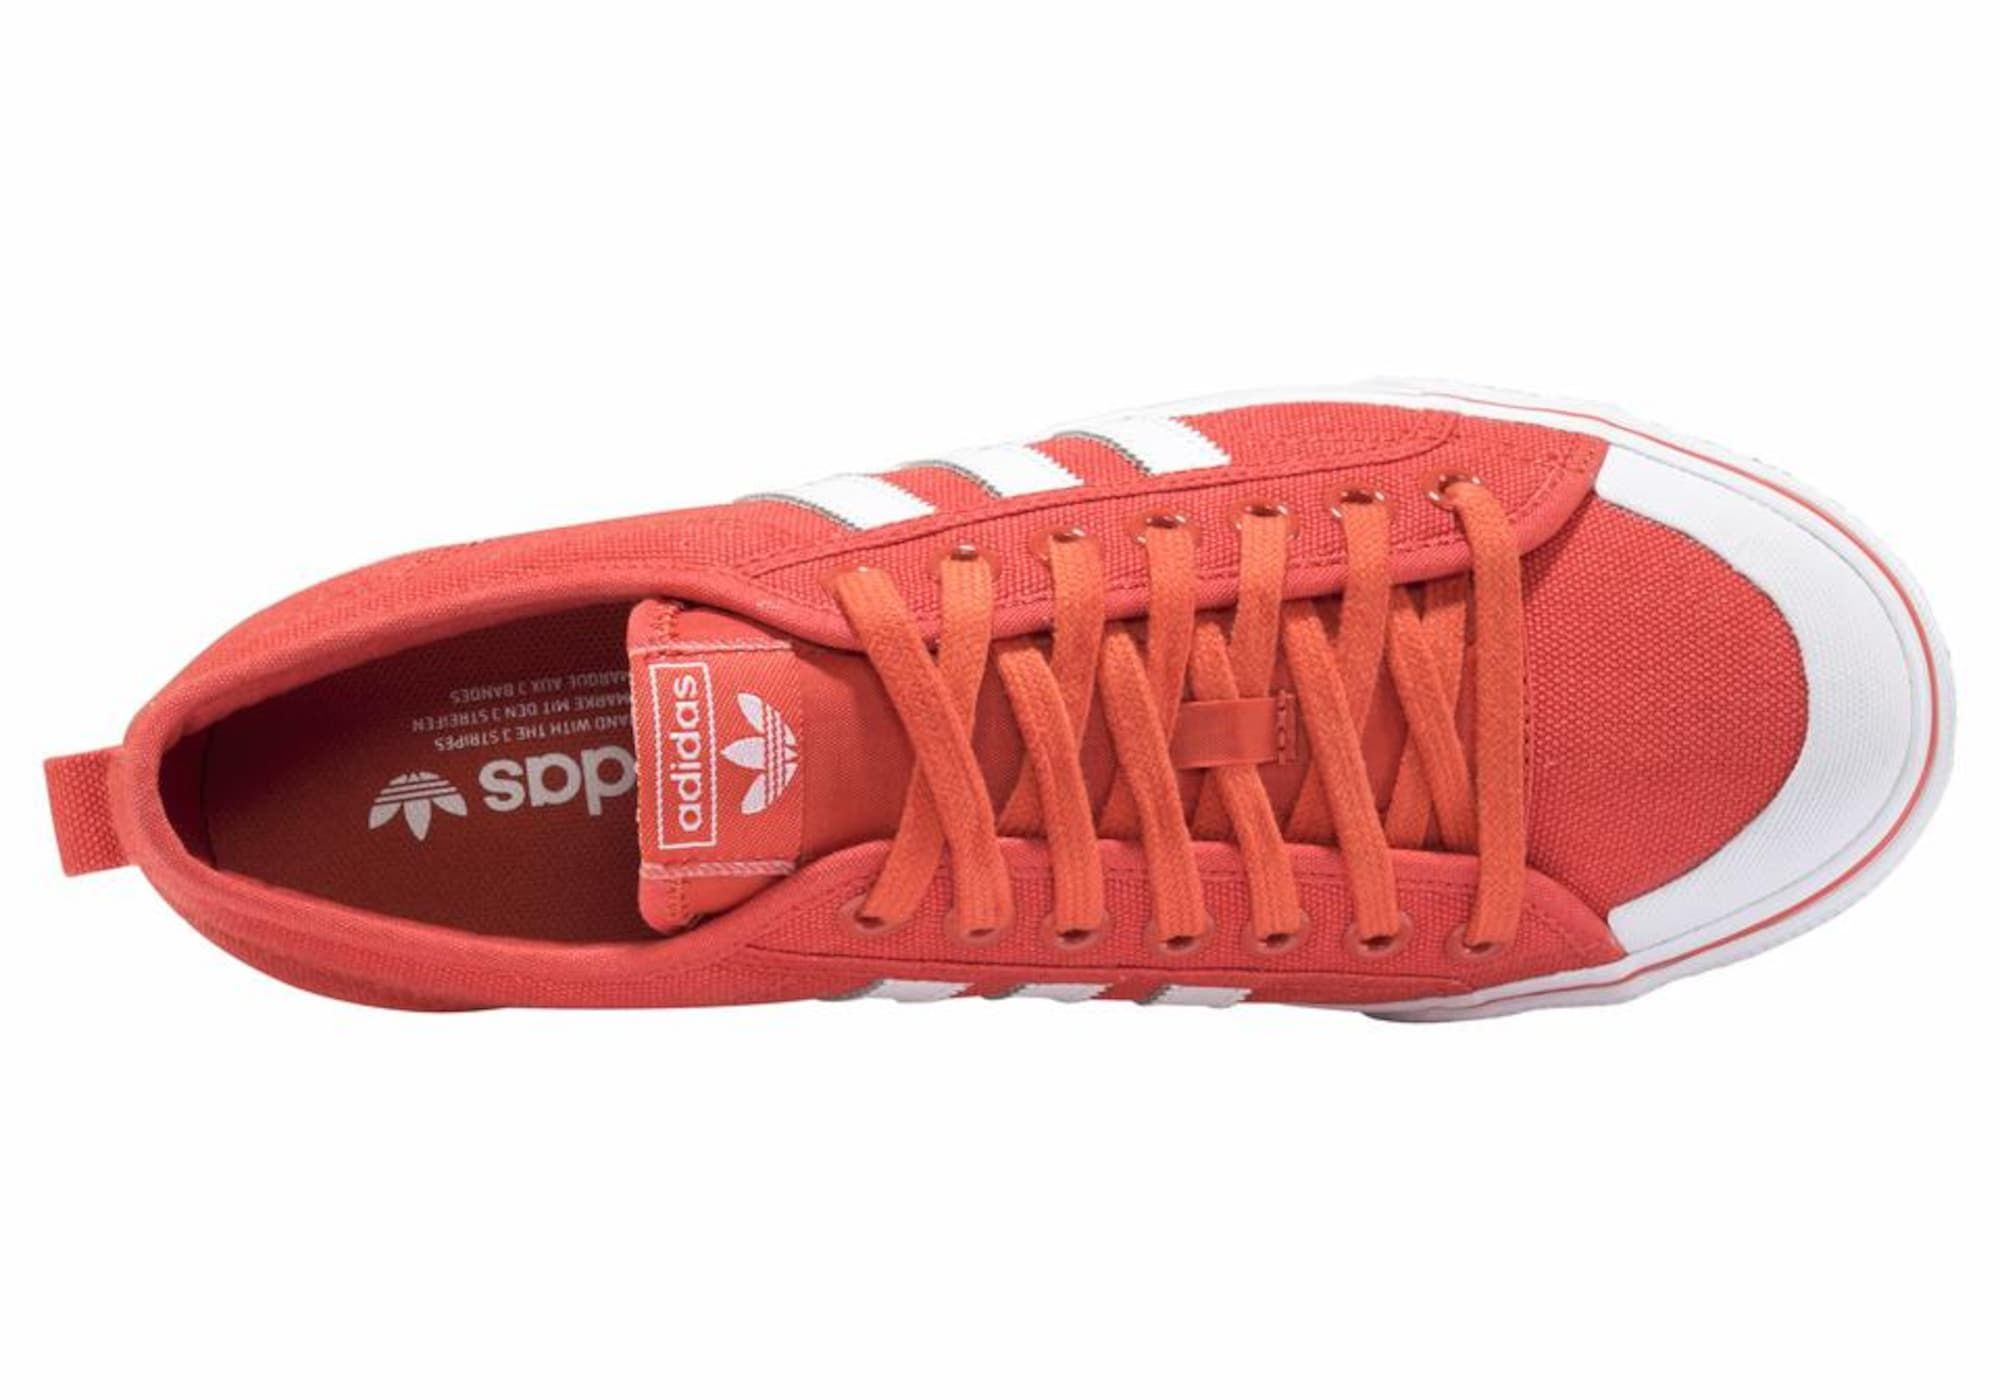 ADIDAS ORIGINALS Sneaker 'Nizza' Herren, Orangerot, Größe